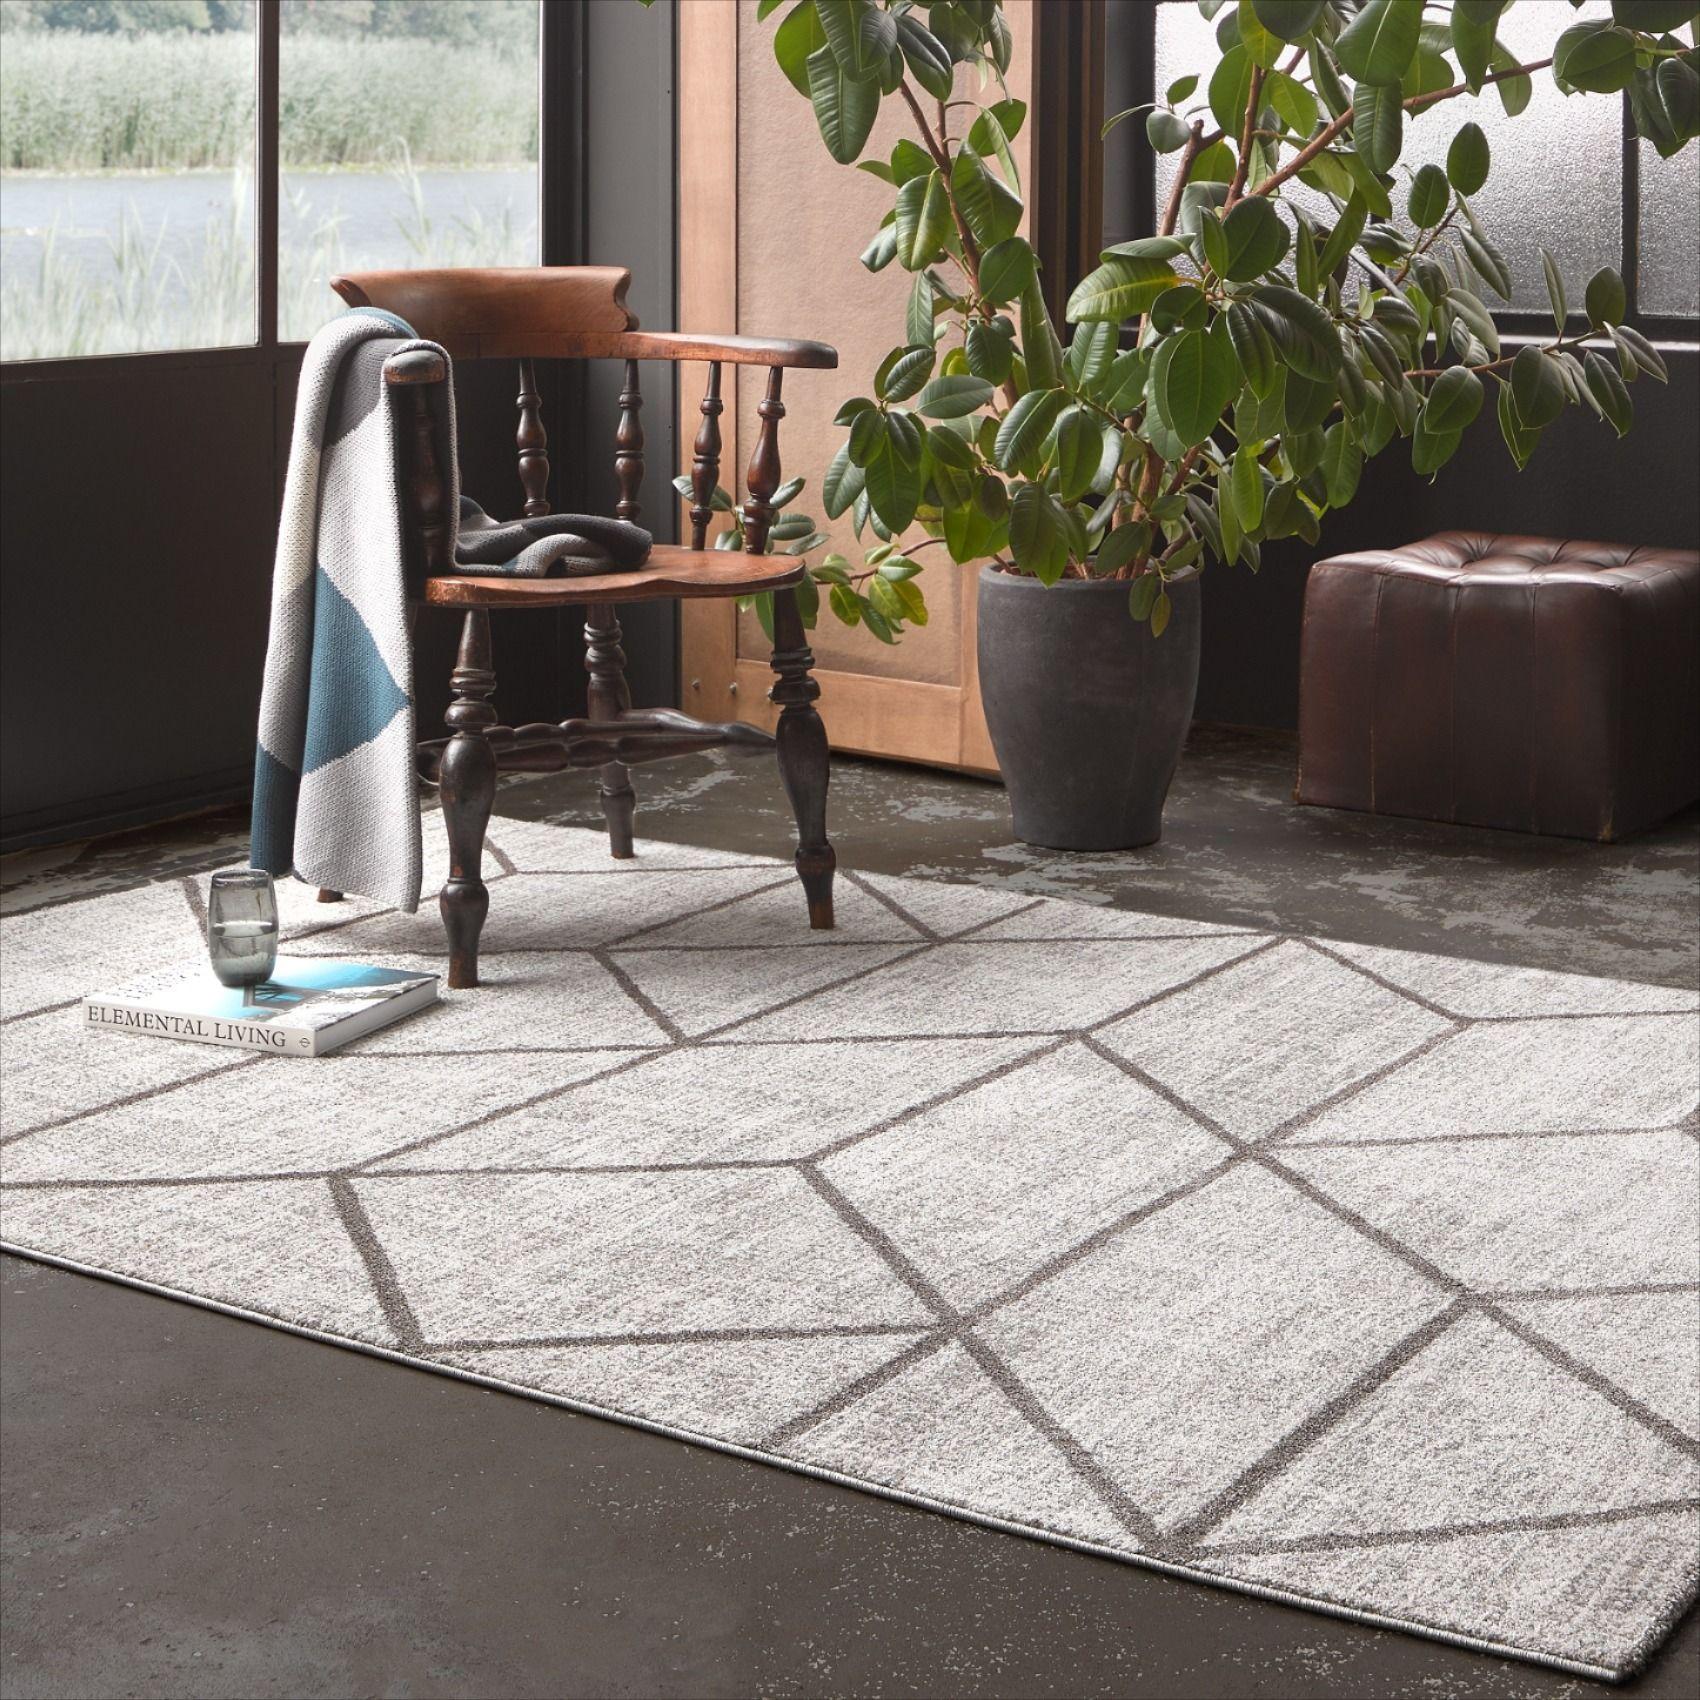 Teppich Beige Taupe Kurzflor Bossa Lounge Wecon Home Dieser Teppich Ist Ein Echter Hingucker Mit Magischer Wirku In 2020 Teppich Beige Teppich Grau Wohnzimmerteppich